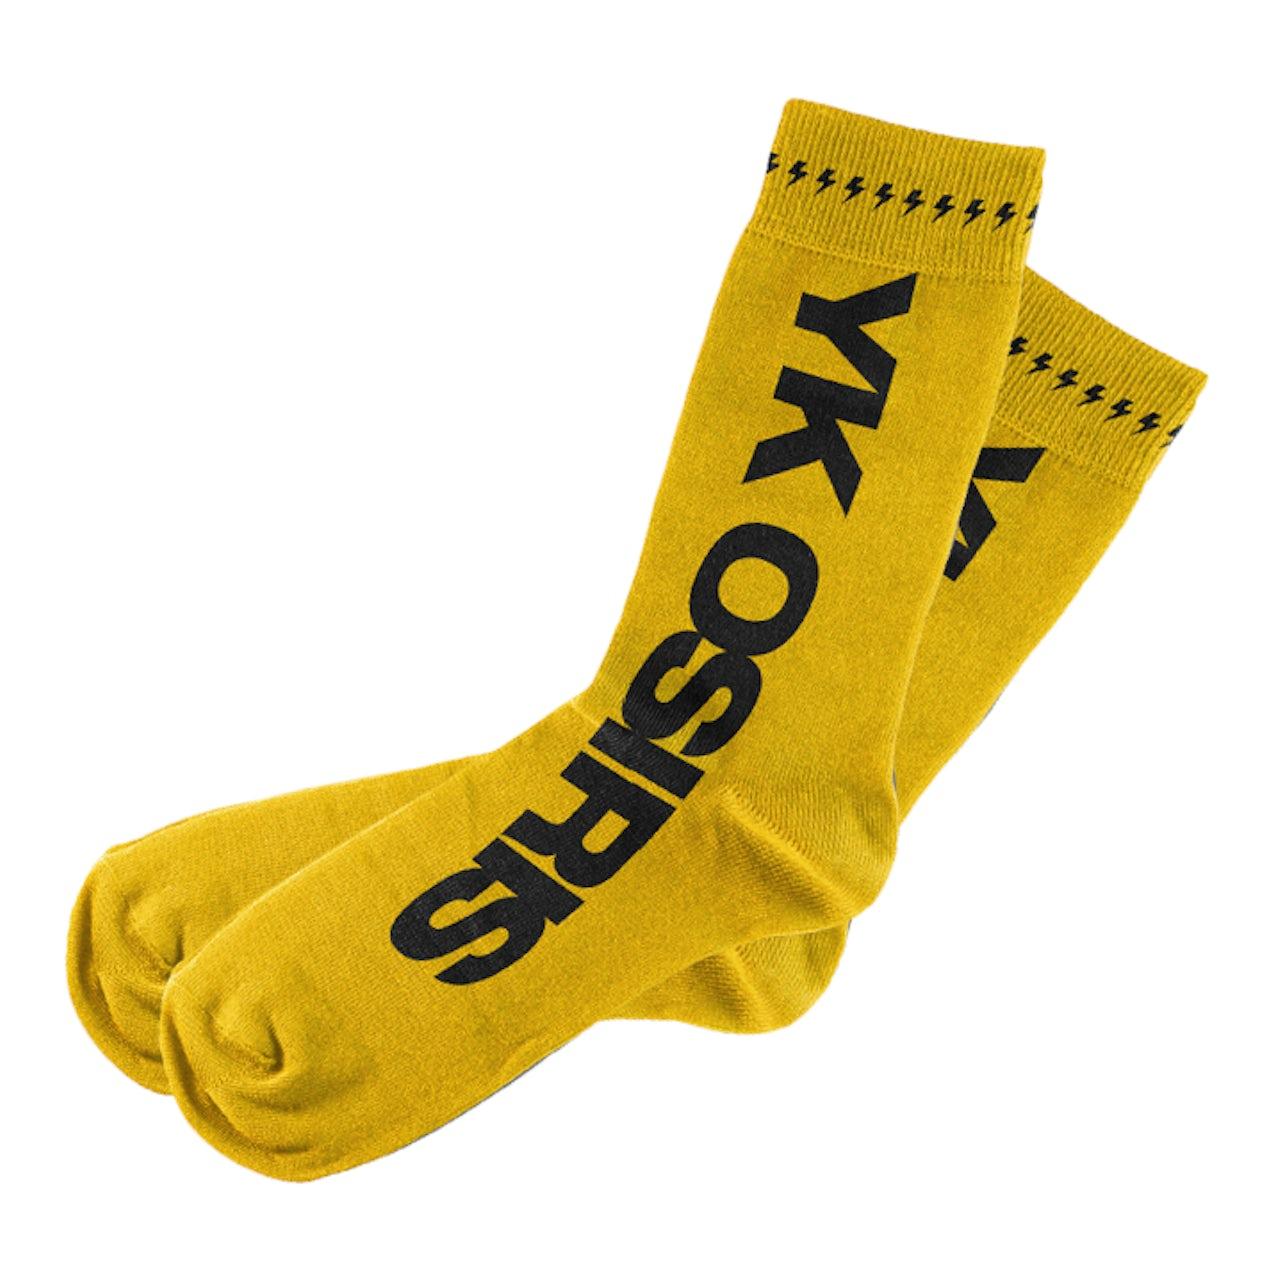 15c804336af YK Osiris YK Yellow Socks + Digital